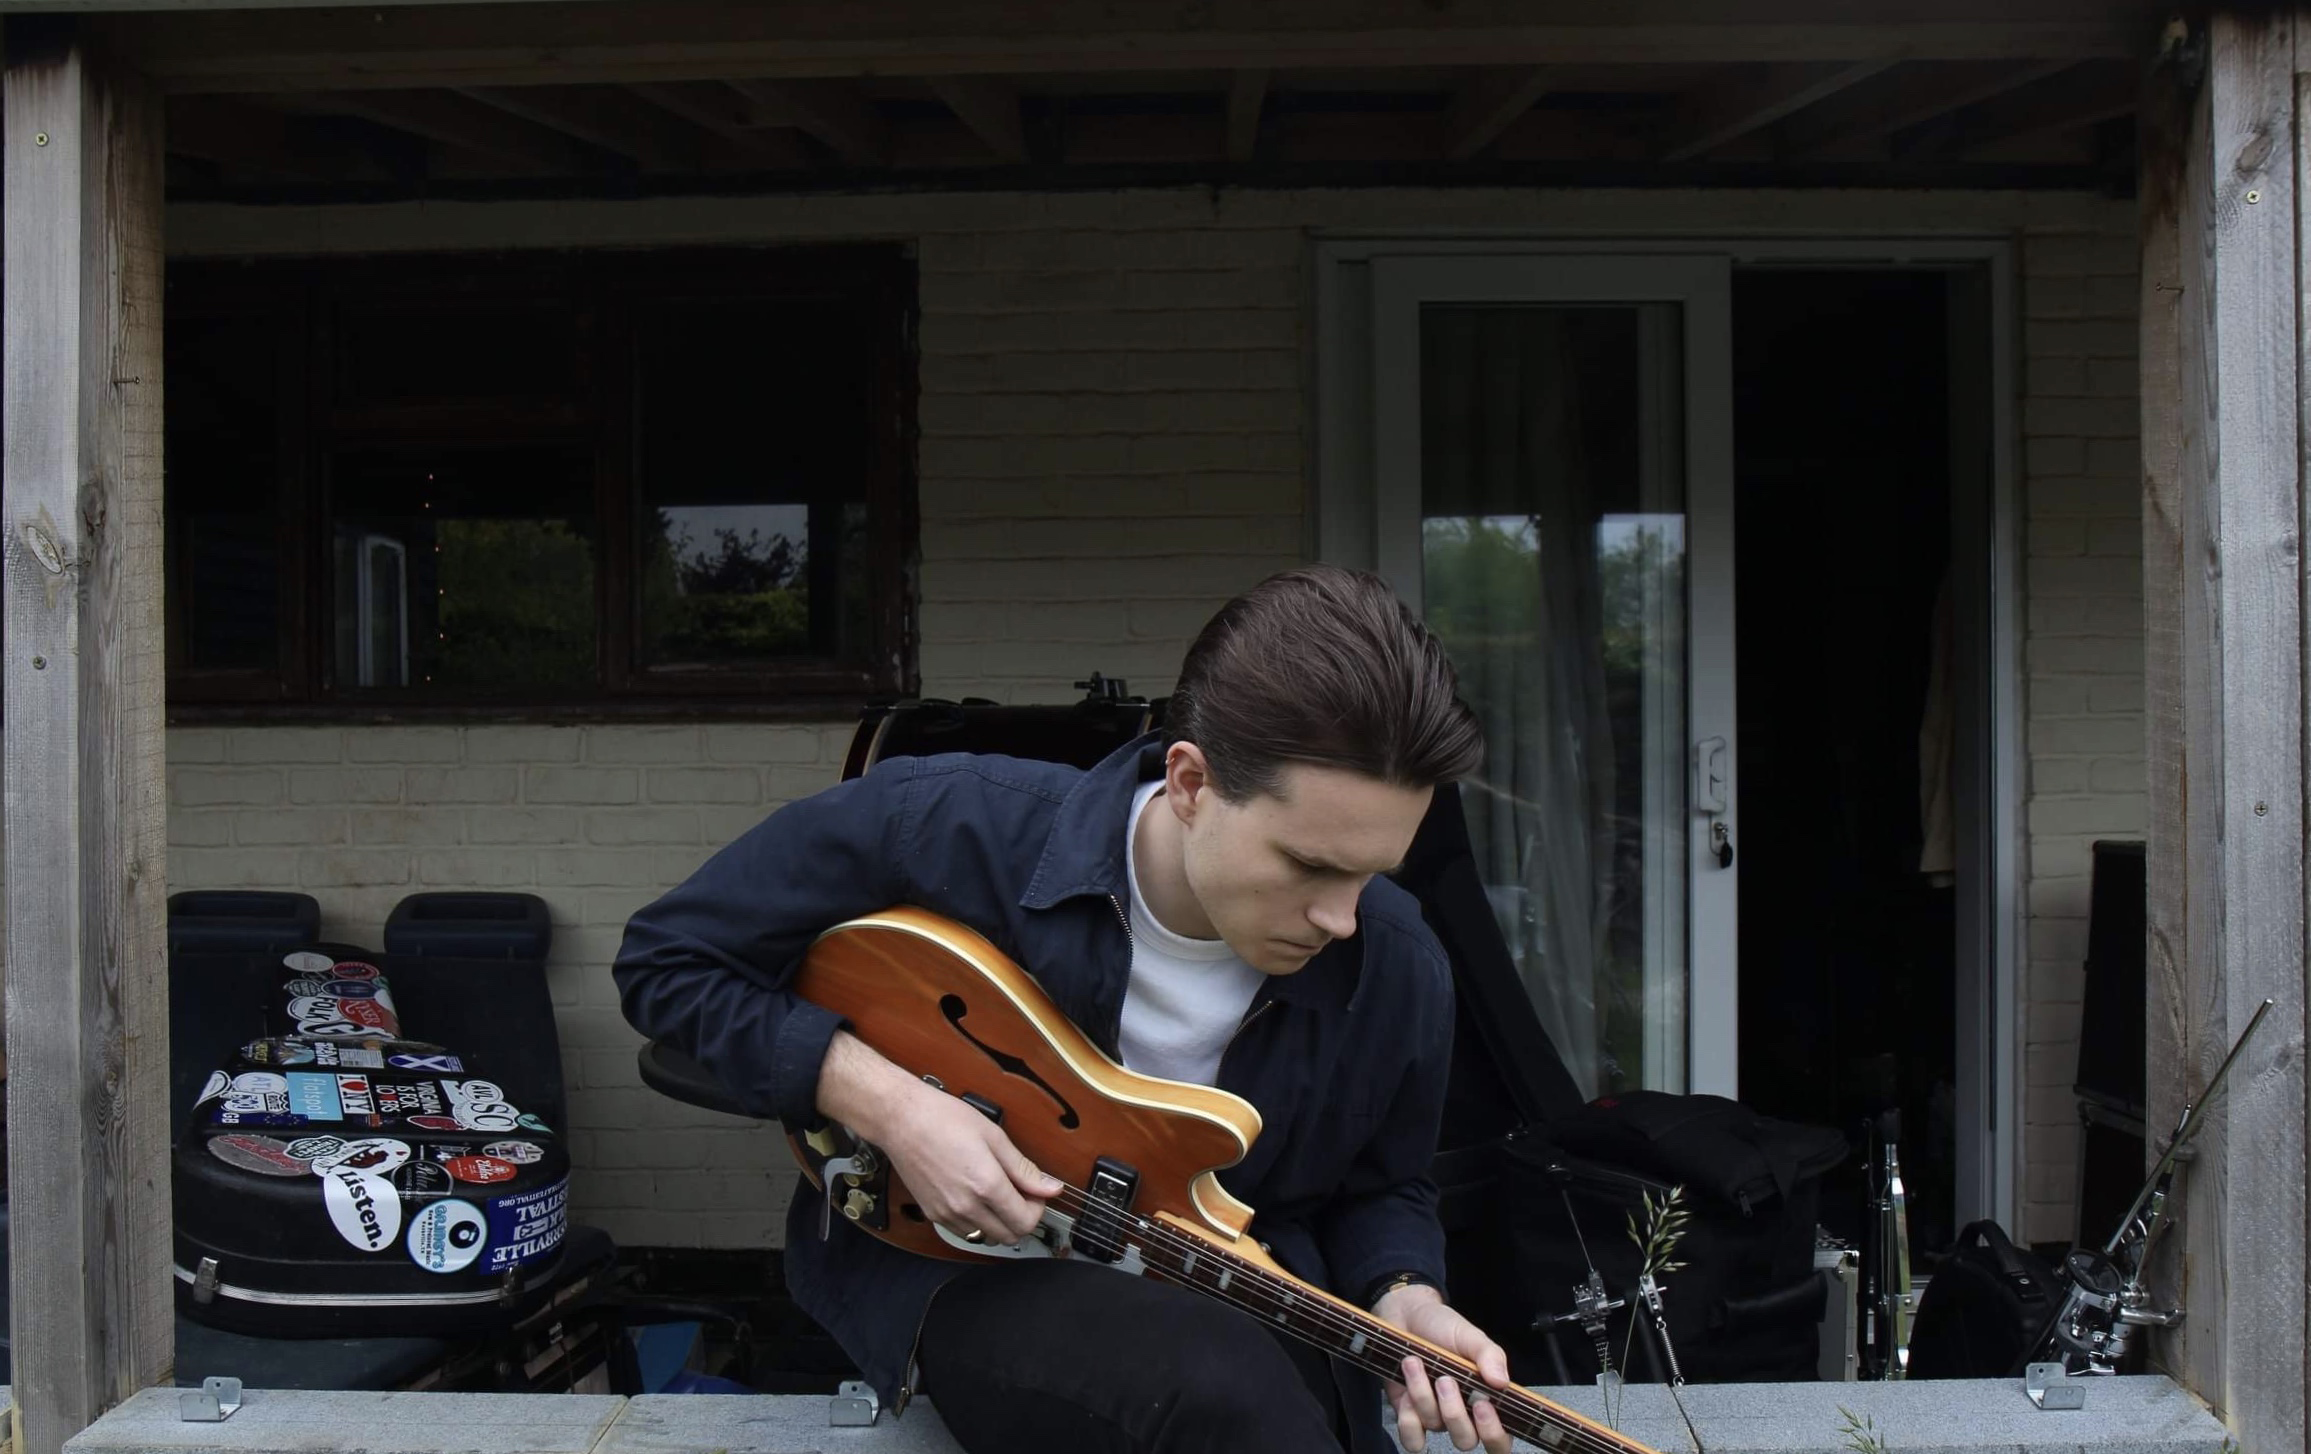 Adam Wedd, Luke Jackson and Juliet Garret Live Stream